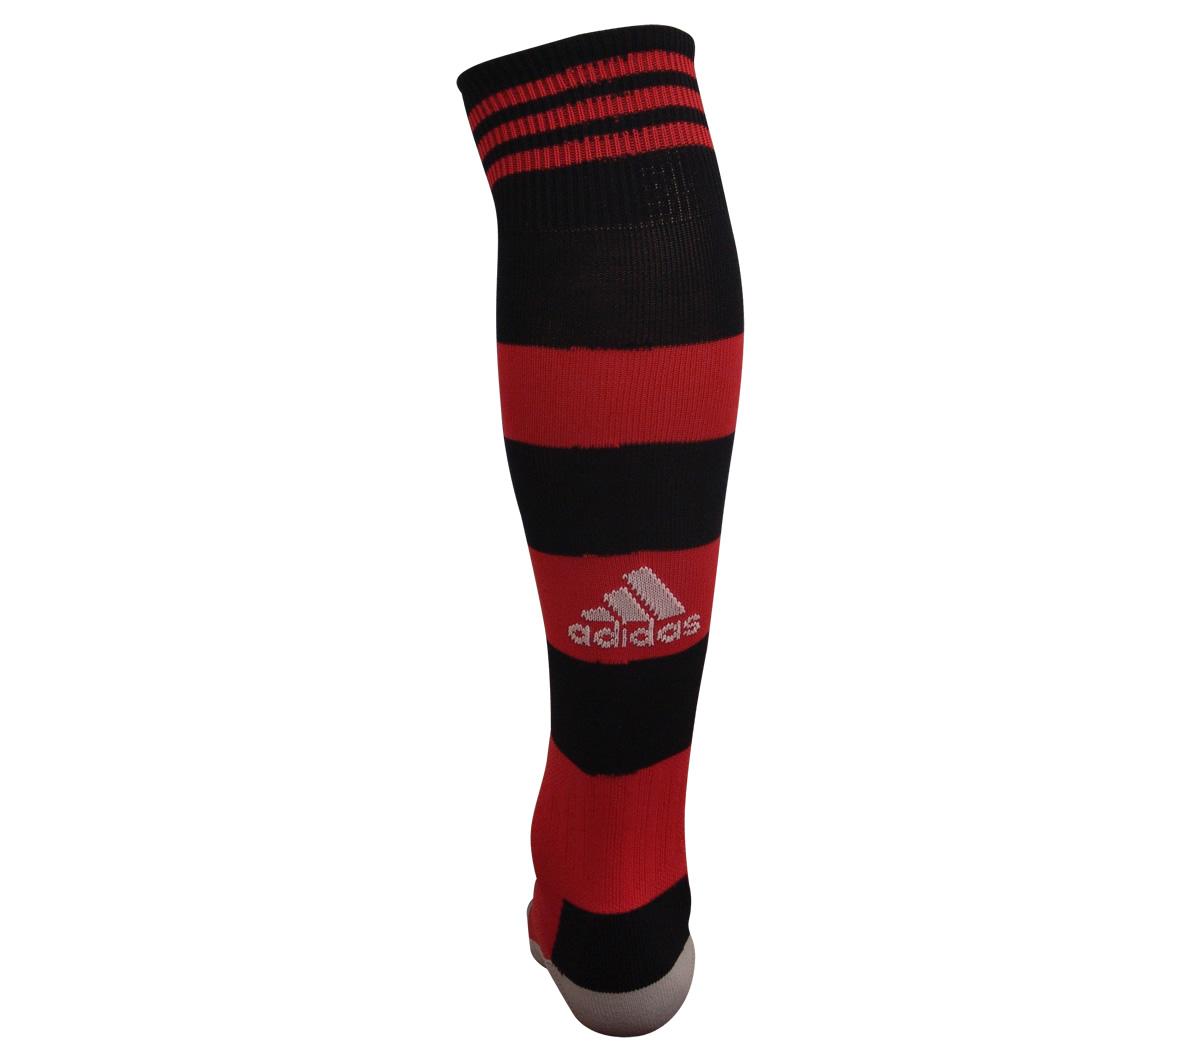 Meião Flamengo I Adidas Oficial 2013